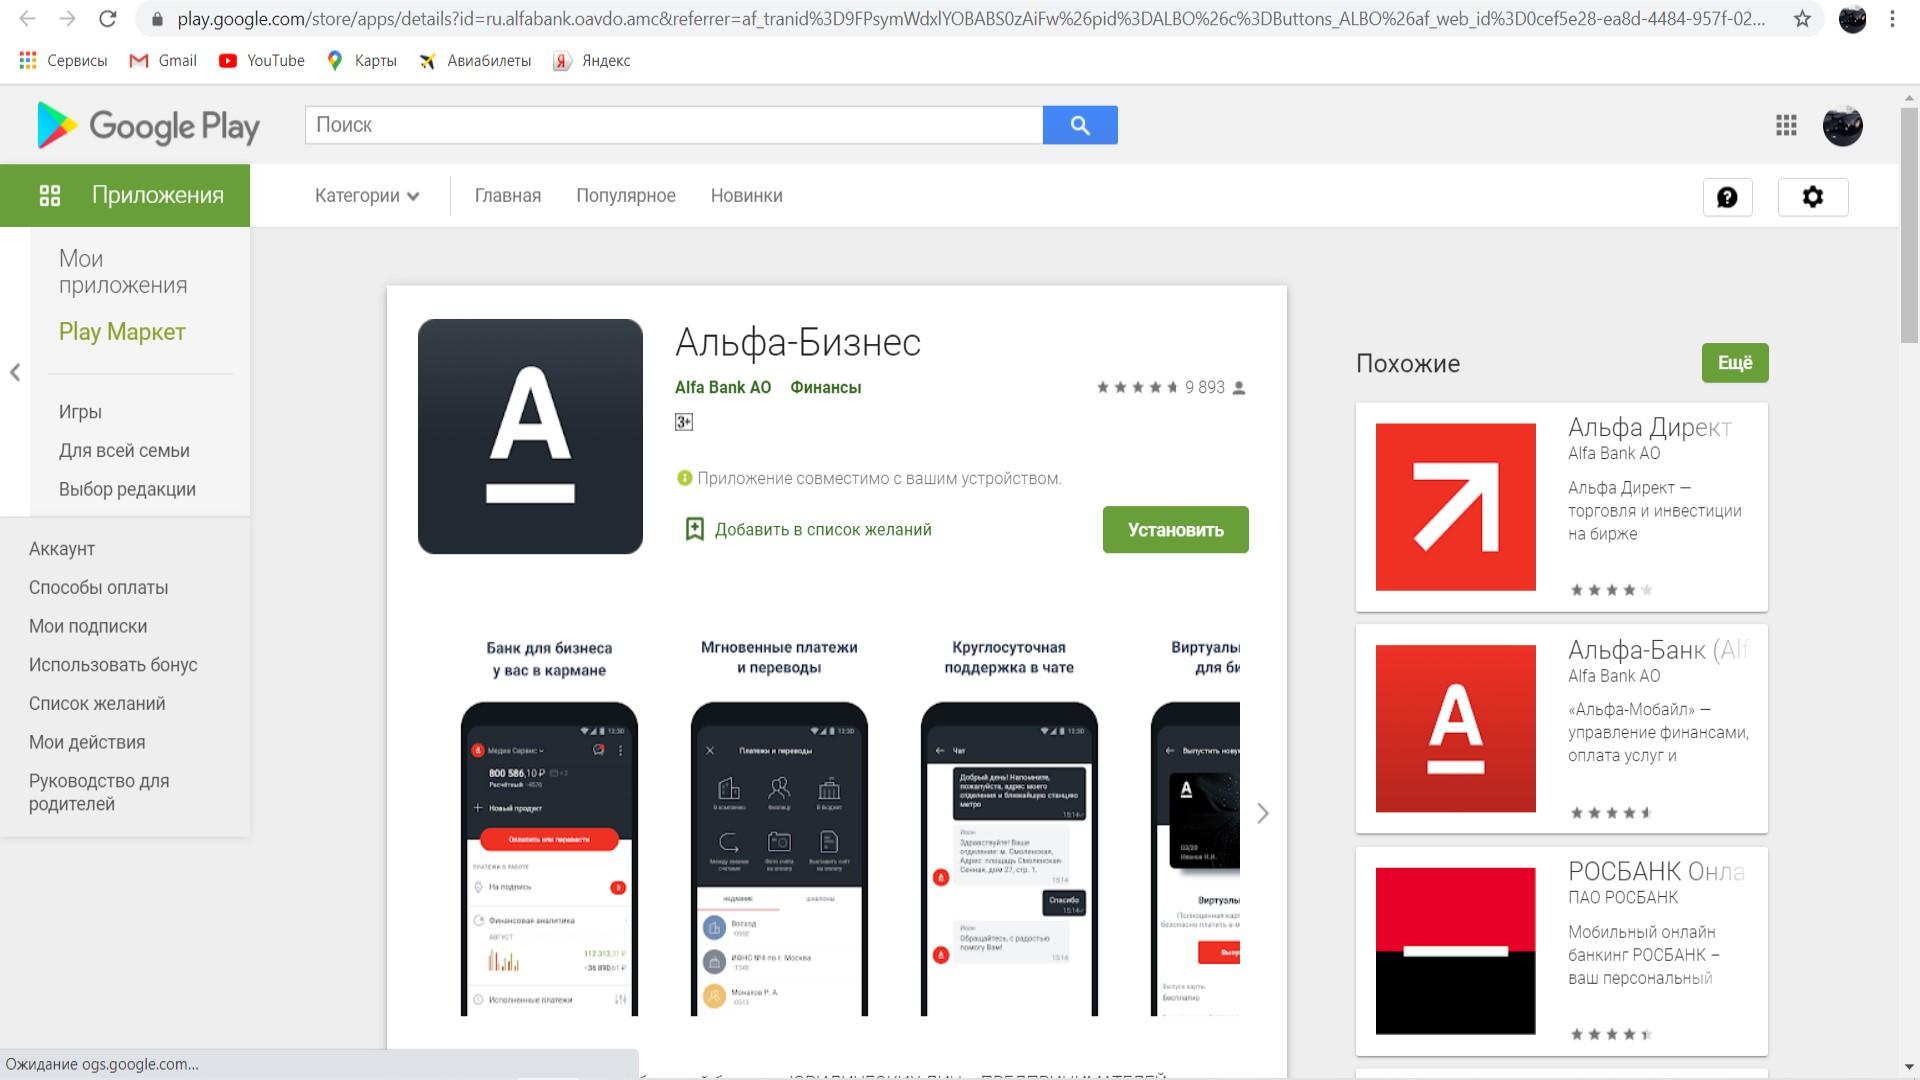 мобильное приложение альфа бизнеса